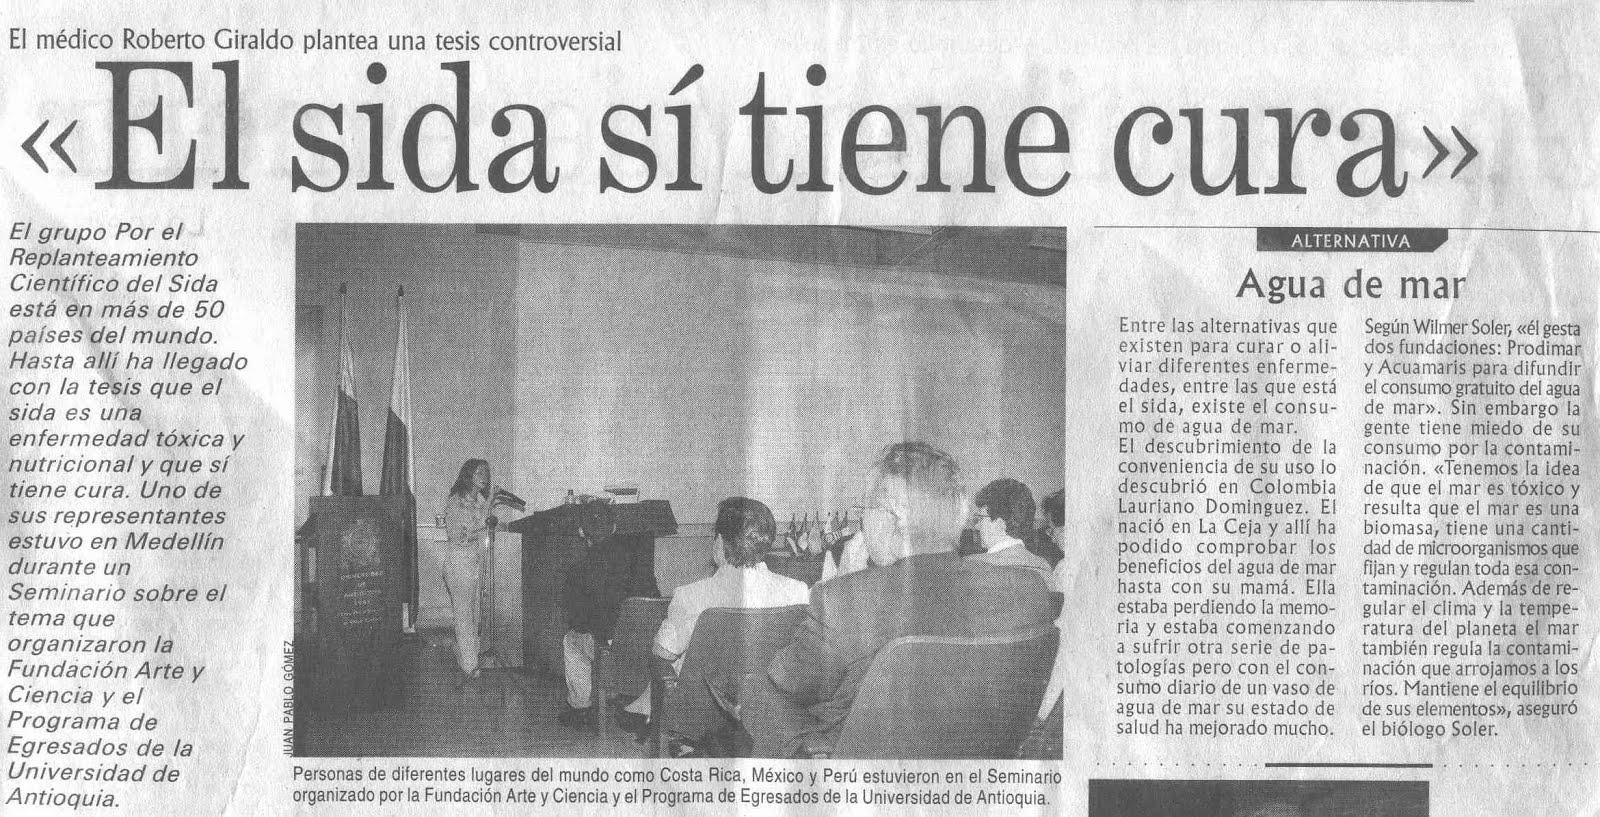 Monarcas Perú - Asociación Civil sin fines de lucro desde hace más de 7 años viene prestando ayuda.